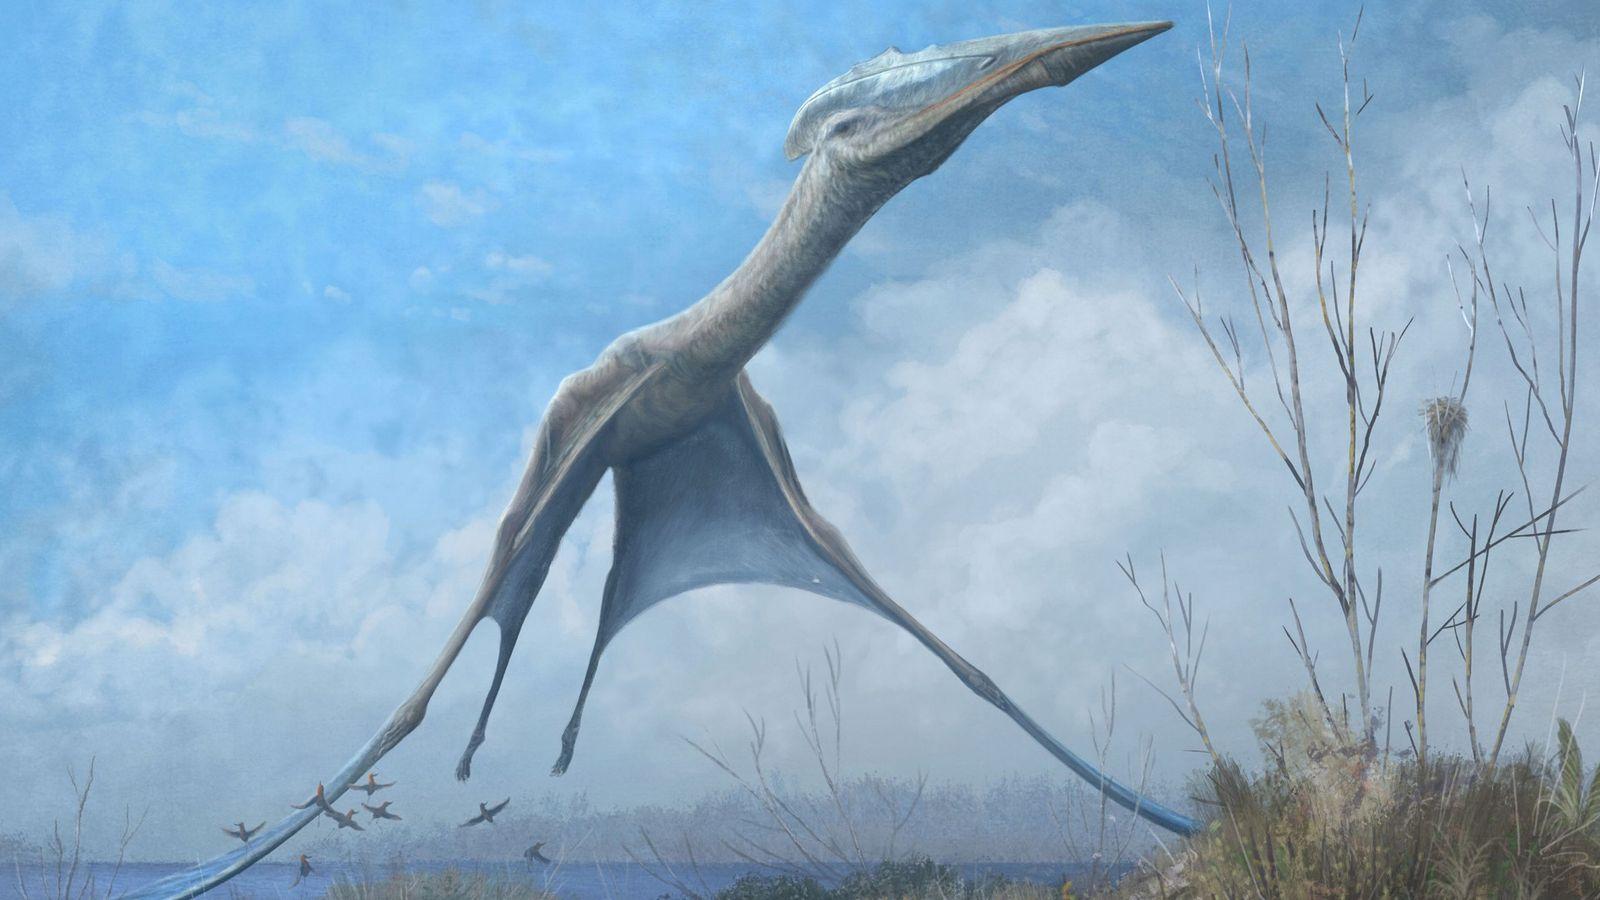 promo-pterossauro-antartica-museu-nacional